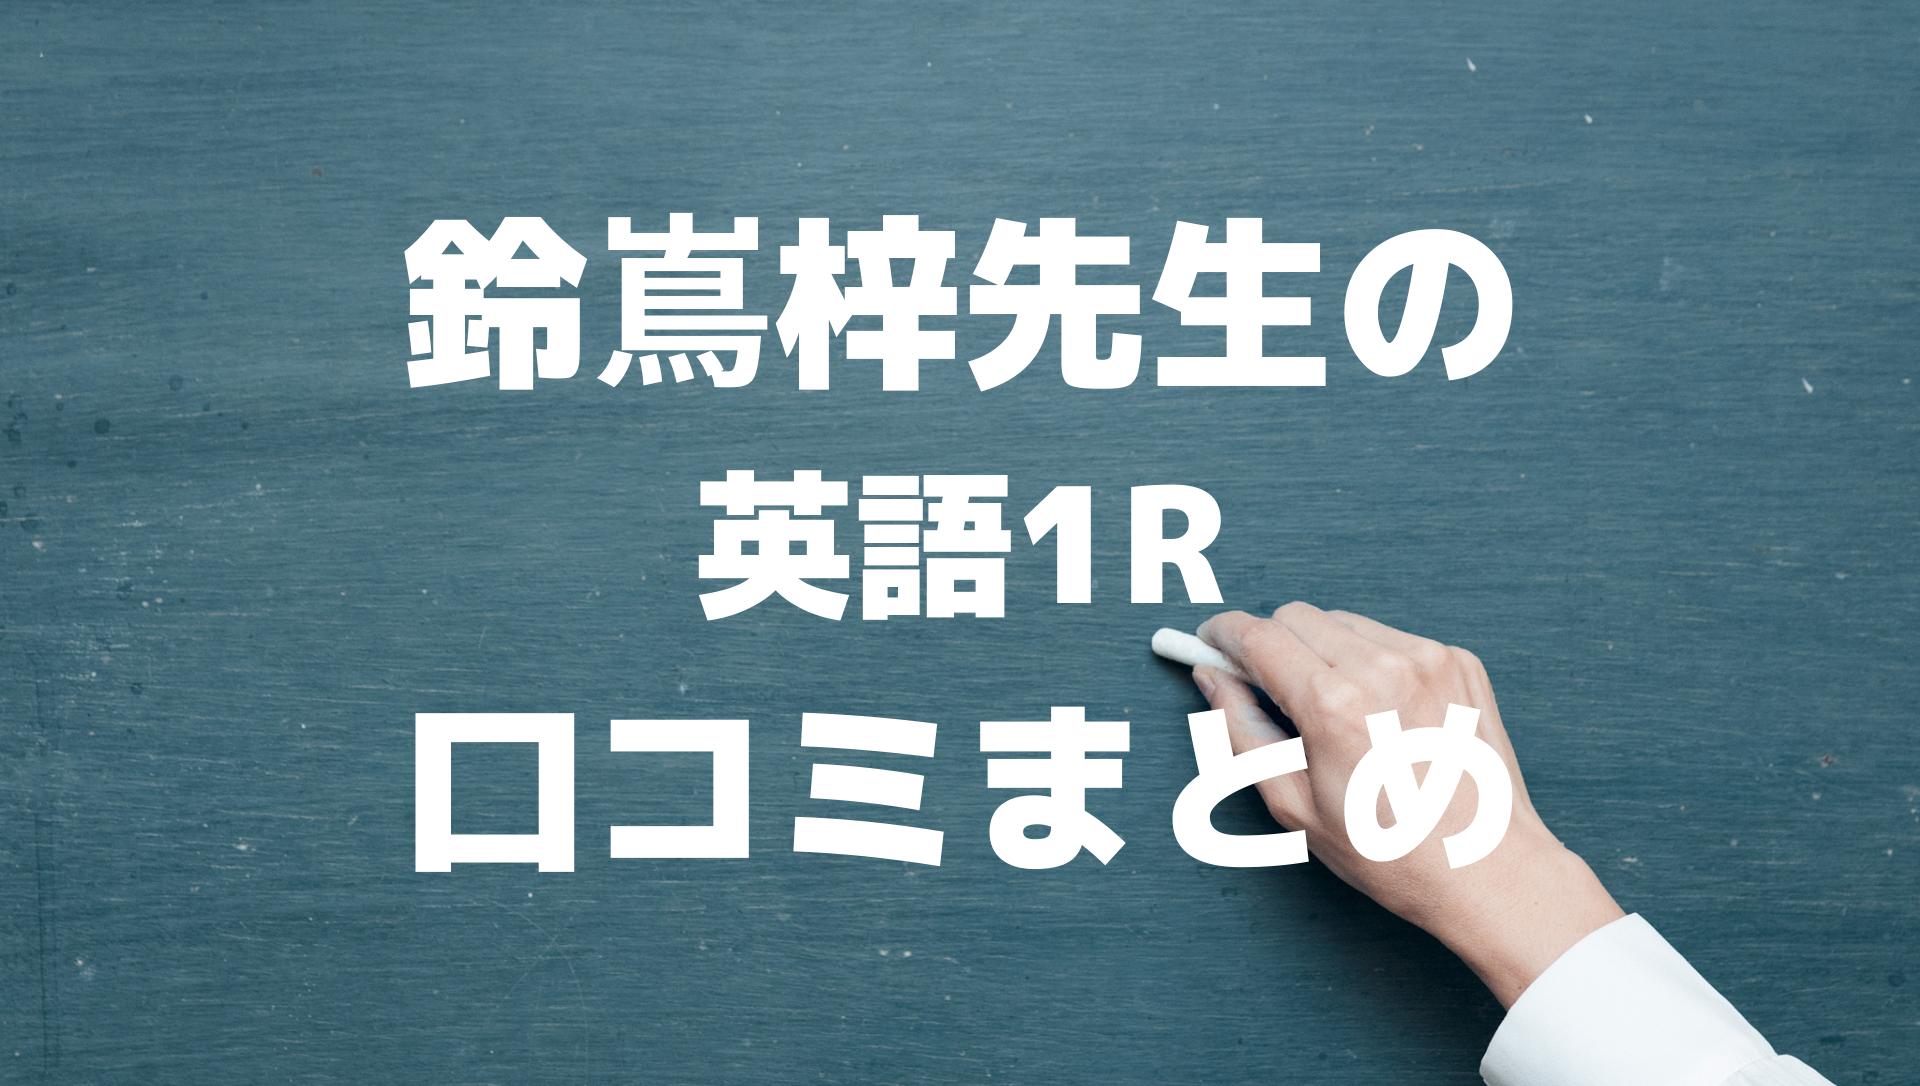 鈴嶌梓先生の英語1R